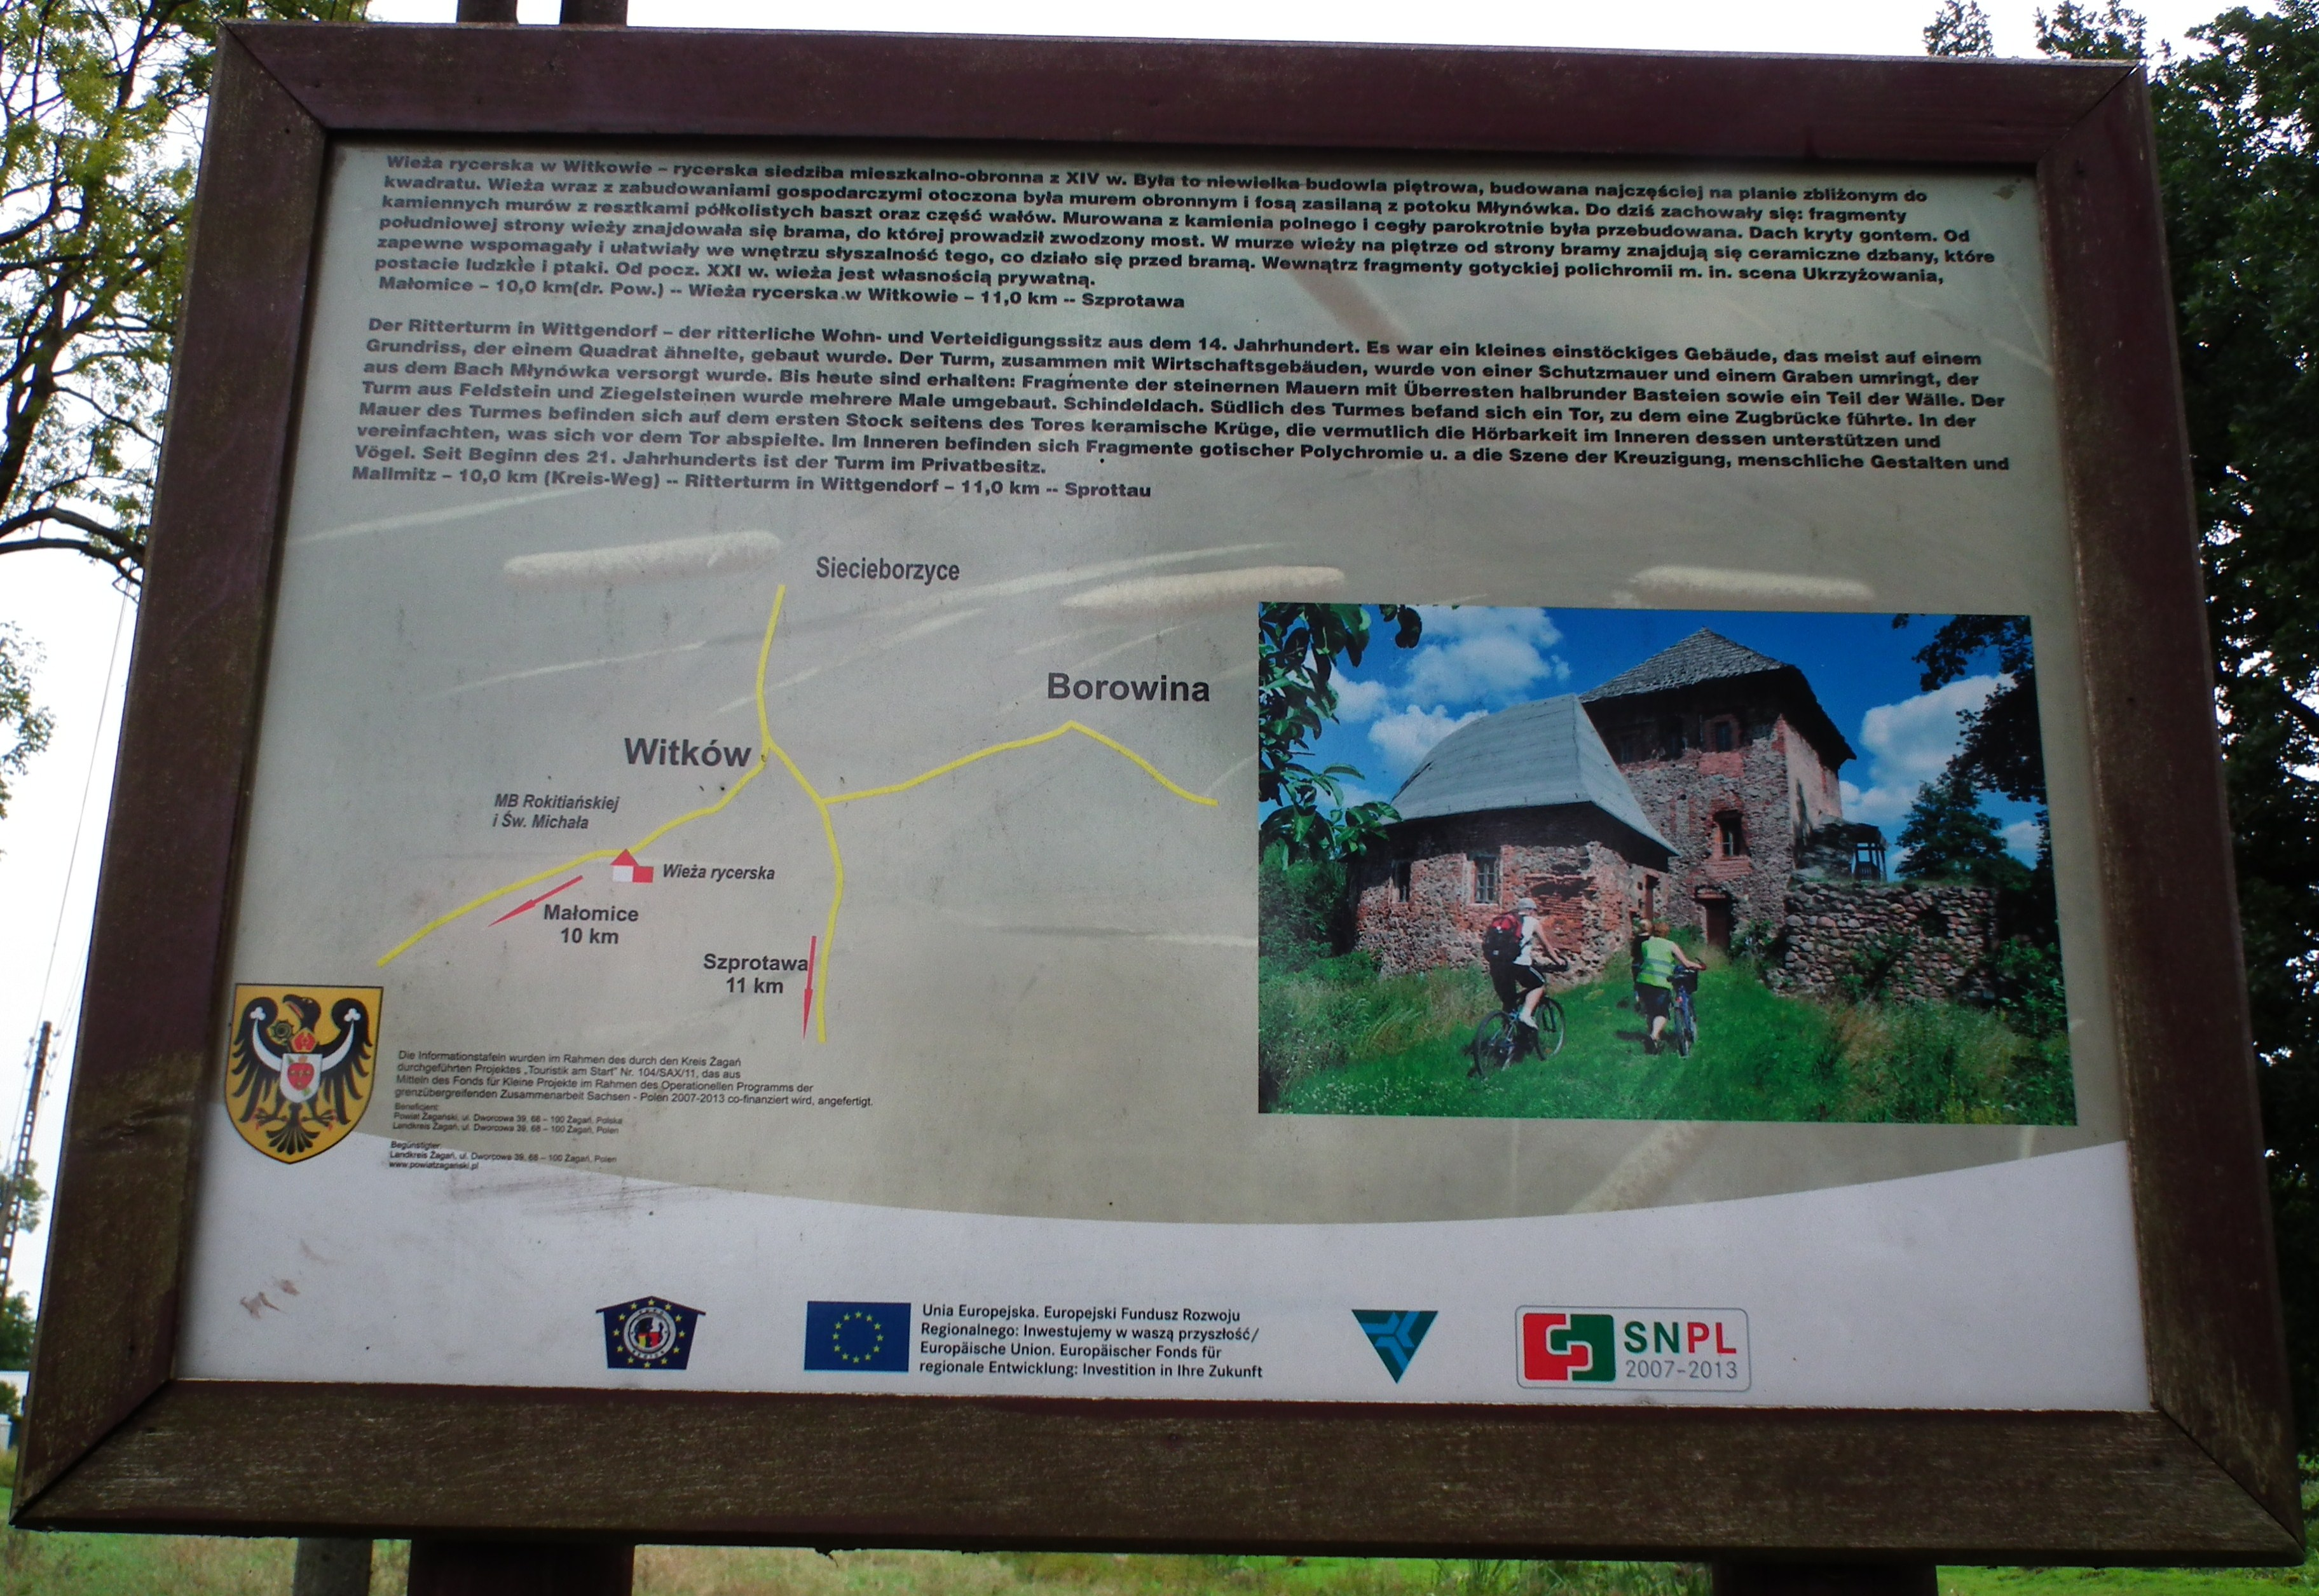 File:MOs810 WG 41 2017 (Sulecin, Osno, Przewoz) (Witków